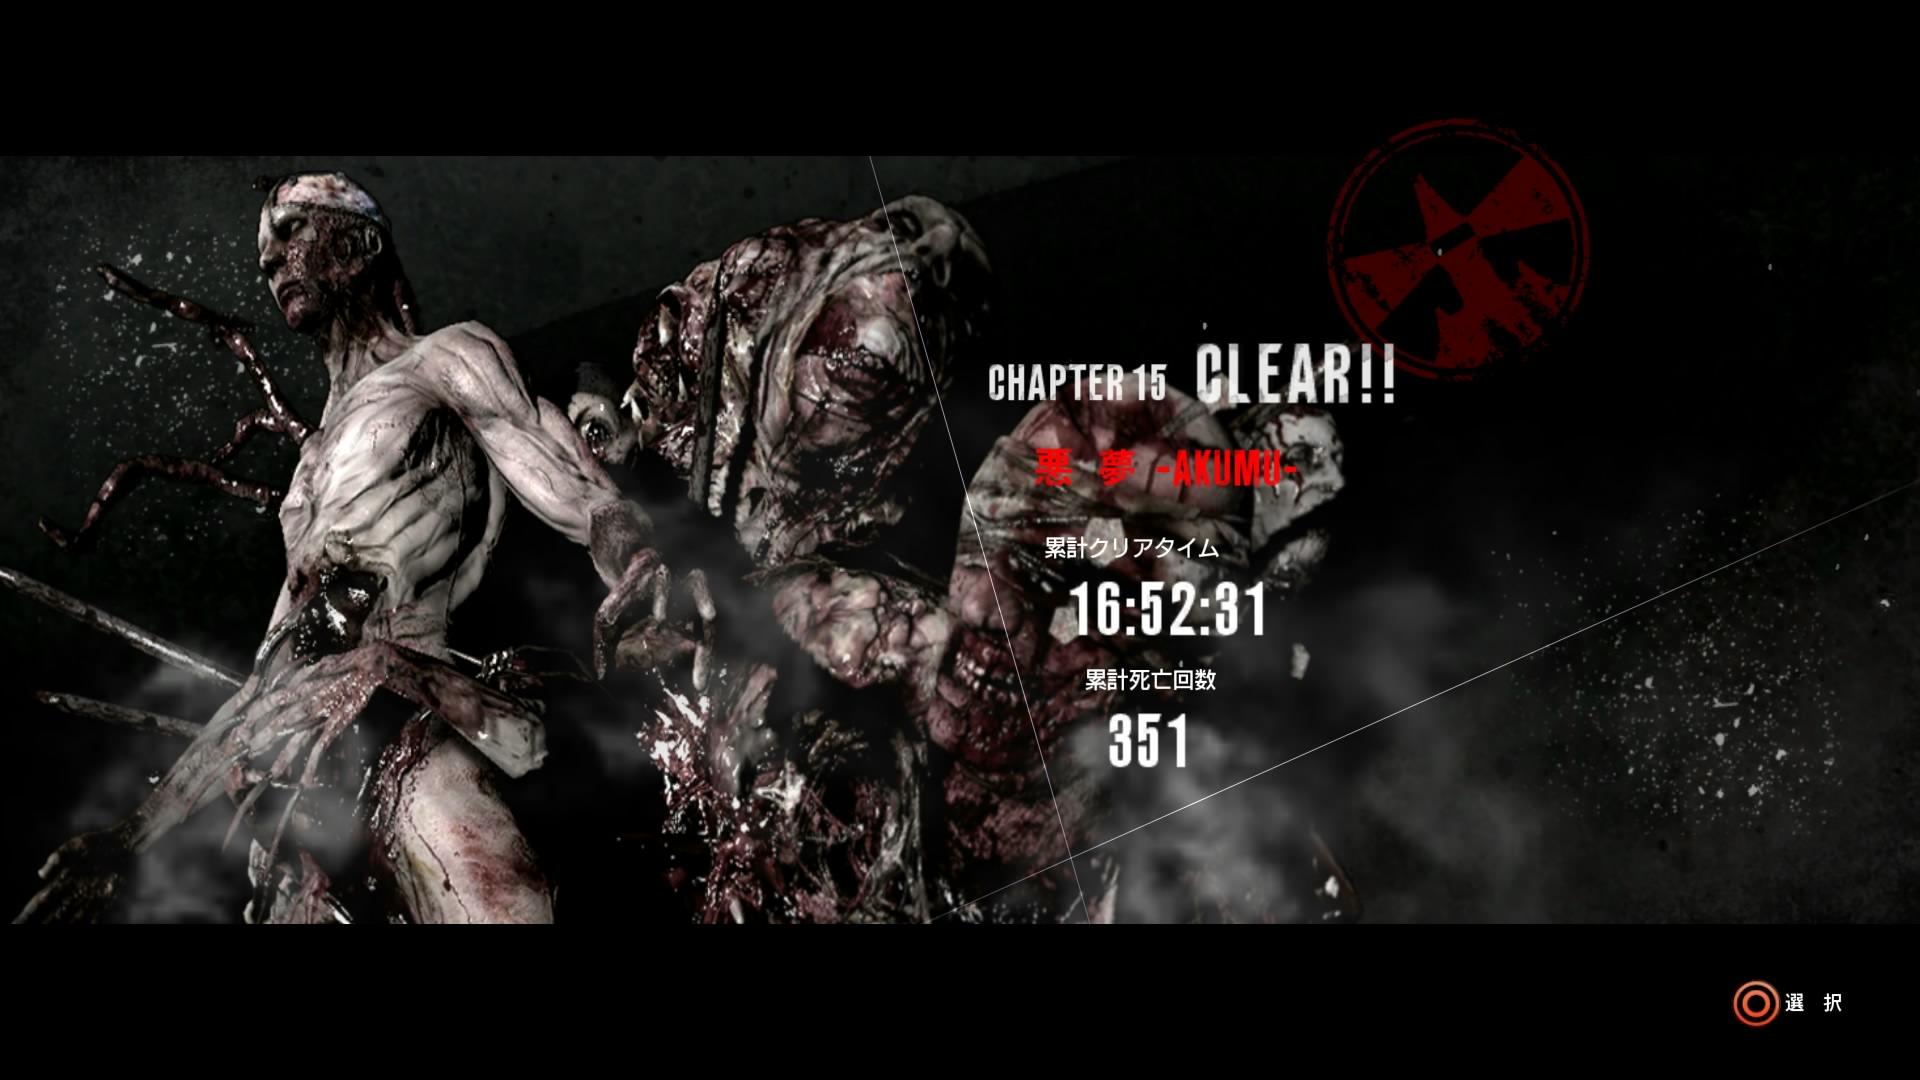 PsychoBreak_20141105064106.jpg